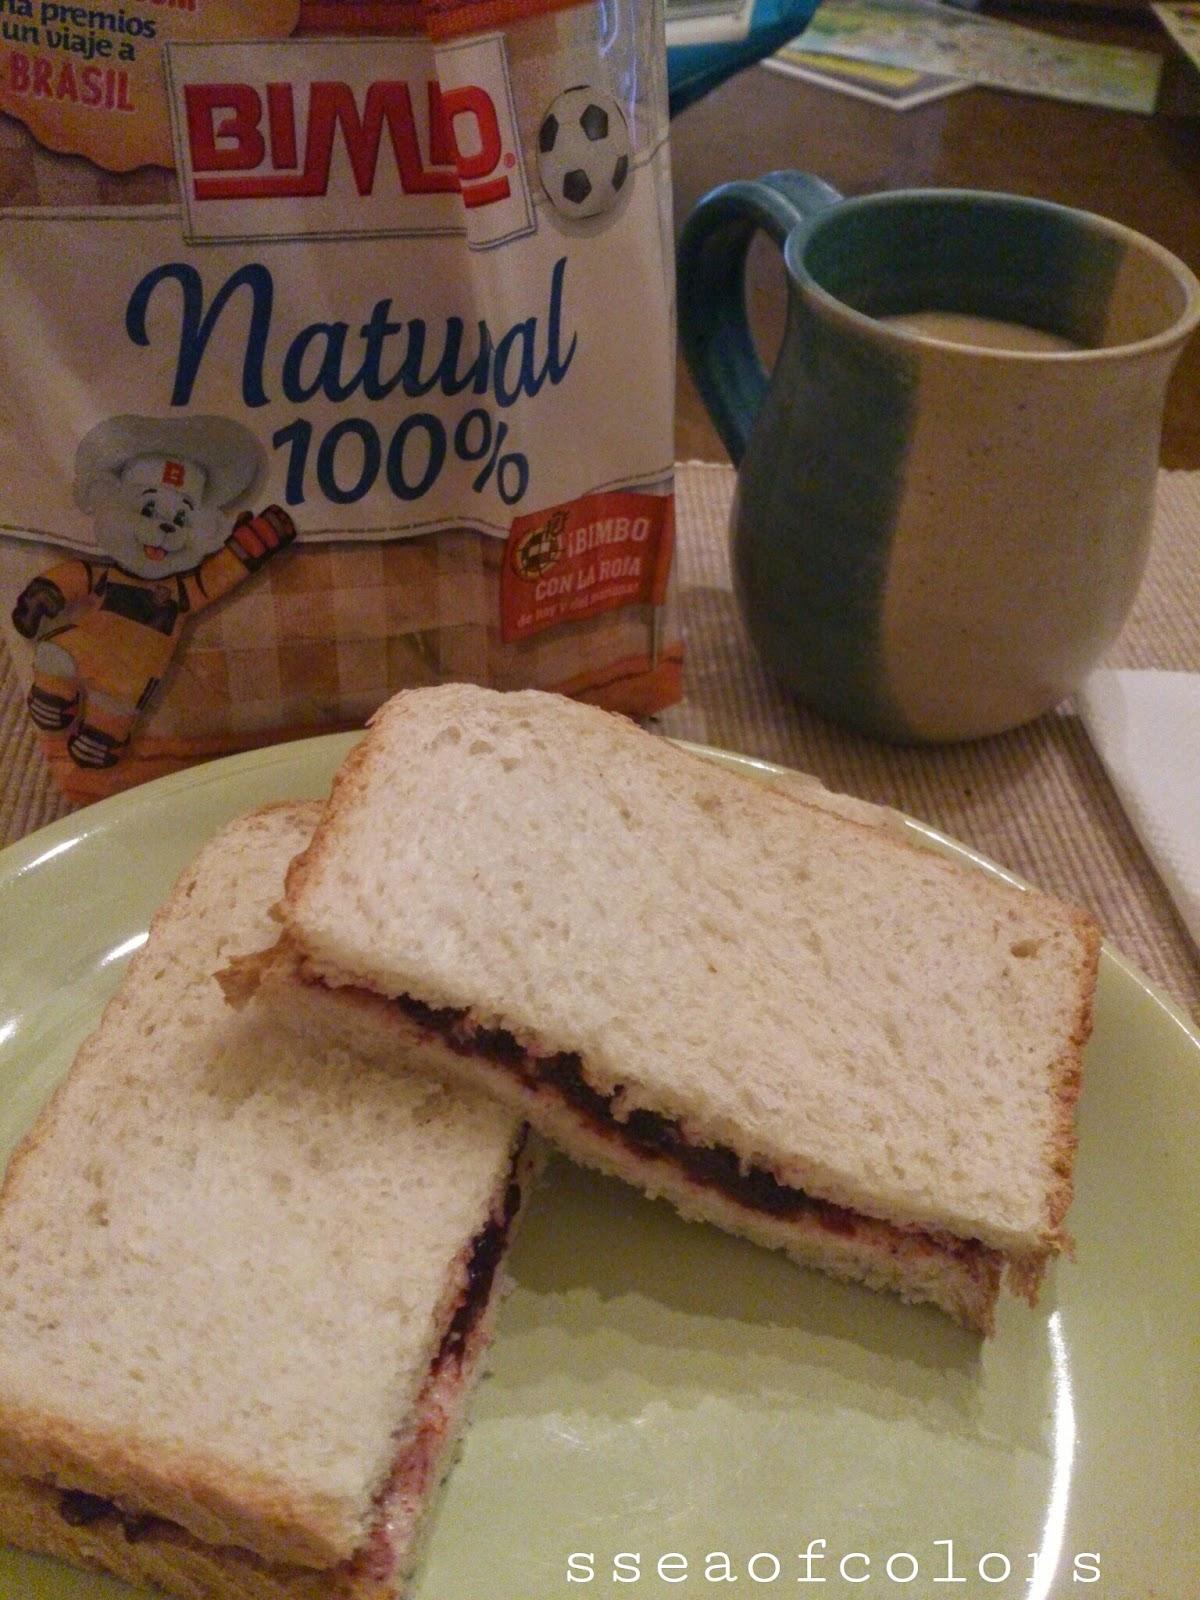 Pan Bimbo Natural 100%